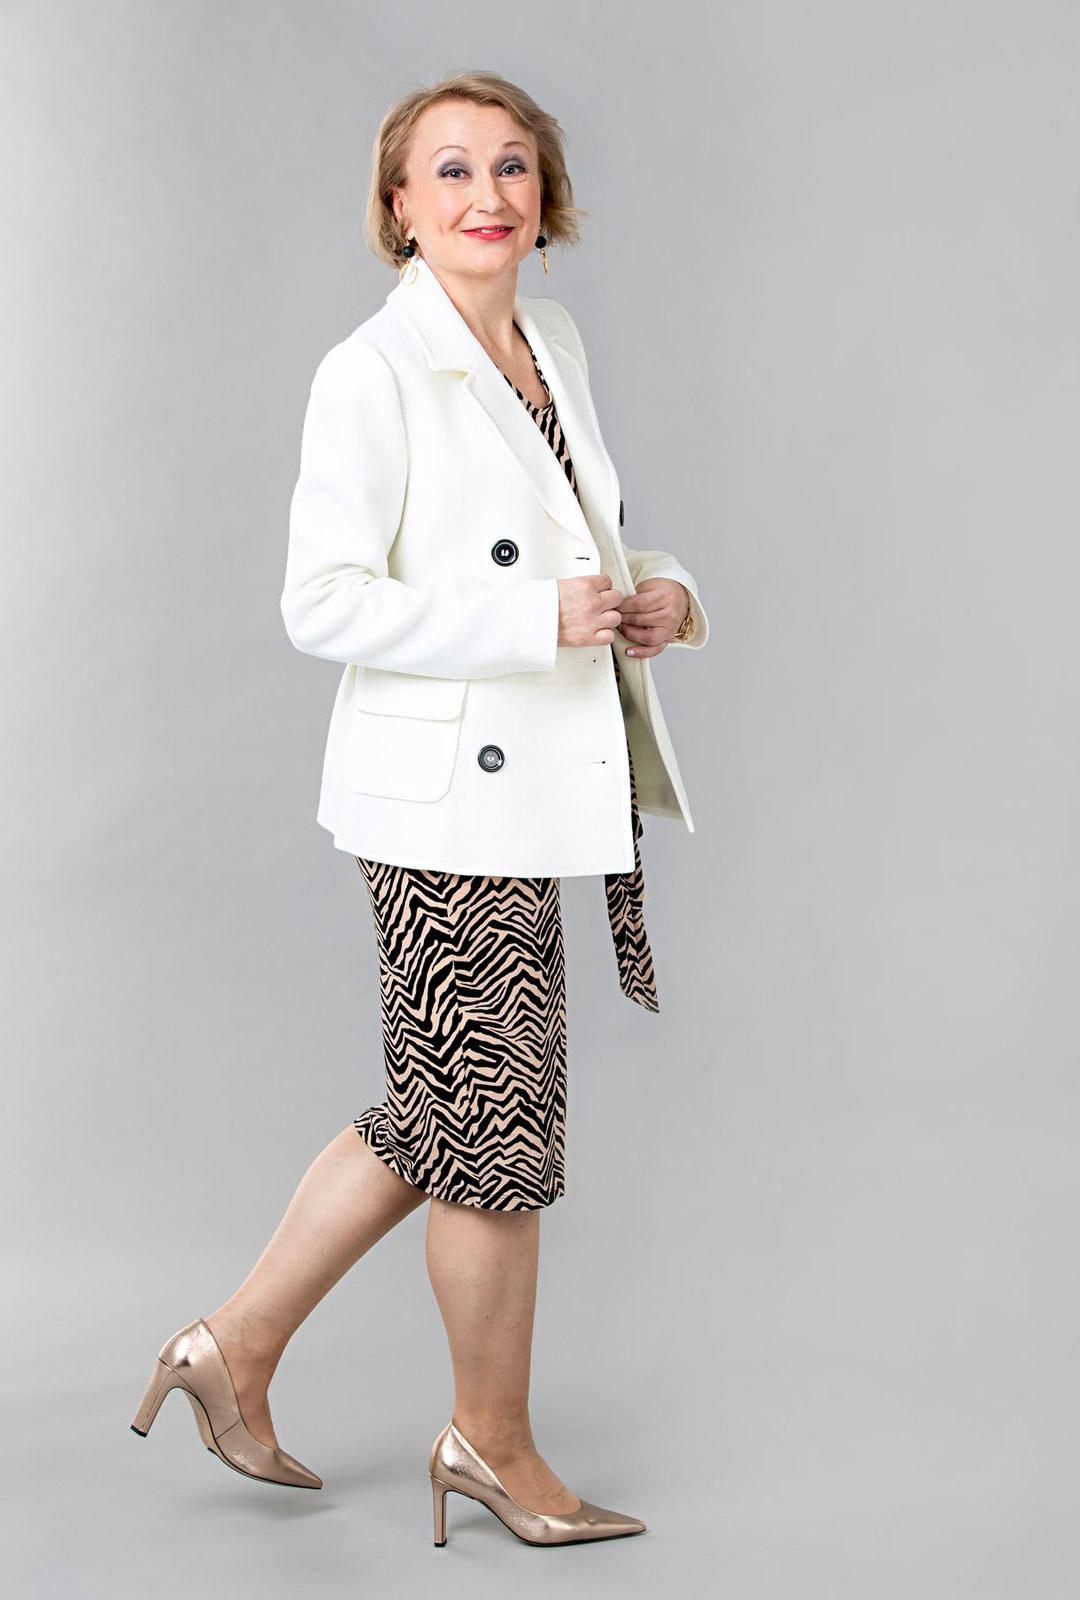 Eläinkuosi sopii aikuisen naisen tyyliin. Valkoinen bleiseri rauhoittaa ja raikastaa seeprakuosin. Joustavaa materiaalia oleva mekko on malliltaan pelkistetty ja myötäilee kauniisti vartalon muotoja.